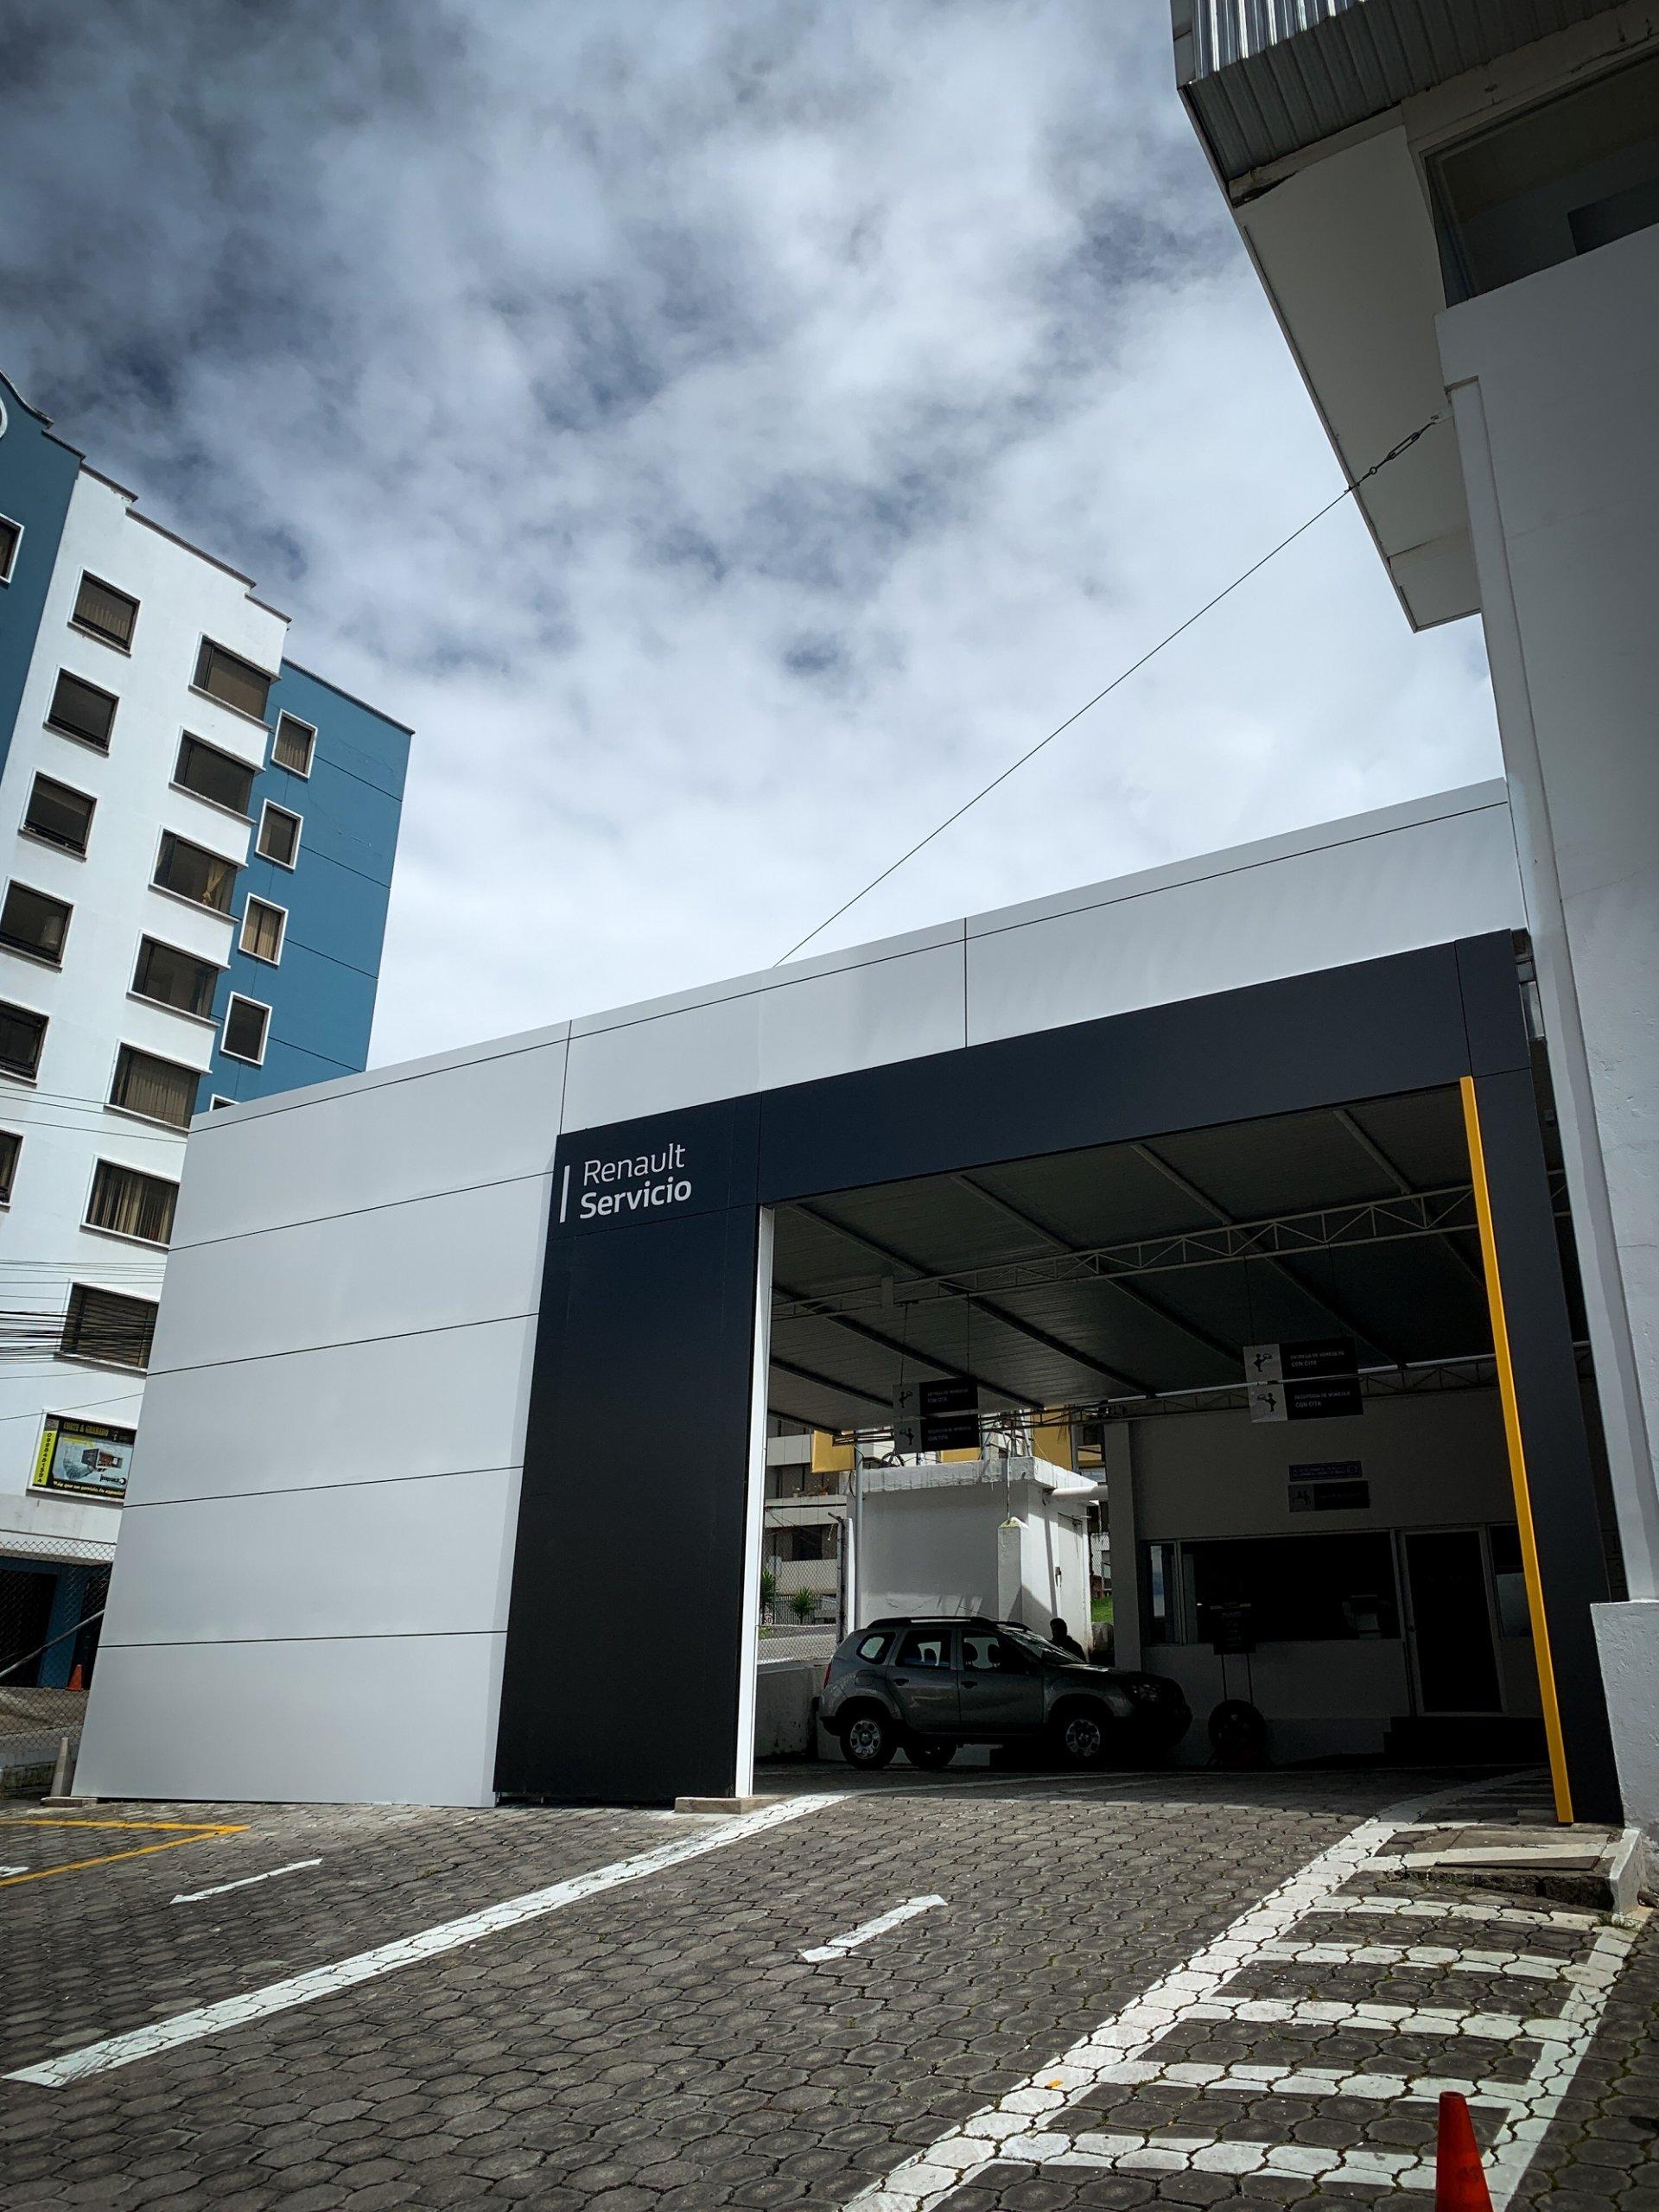 Concesionario-Vehiculos-Renault-Eloy-Alfaro-A3-Arquitectos-Quito-Ecuador-3